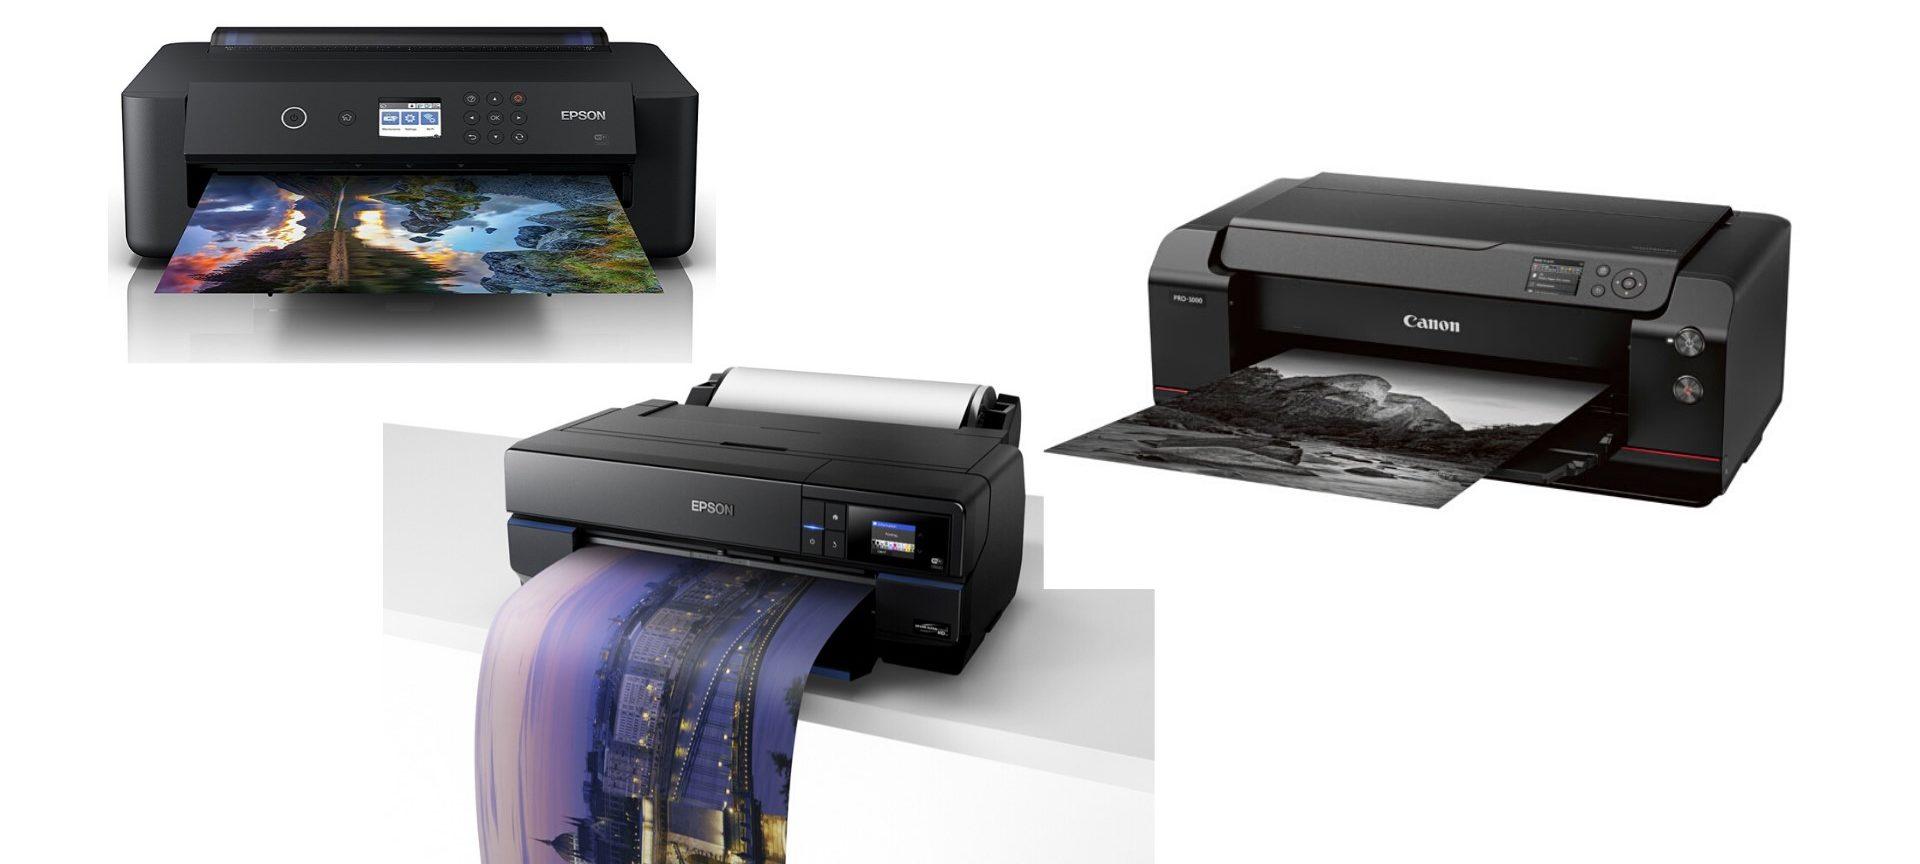 Aktuelle Fine Art Drucker  bis A2, meine Empfehlungen.